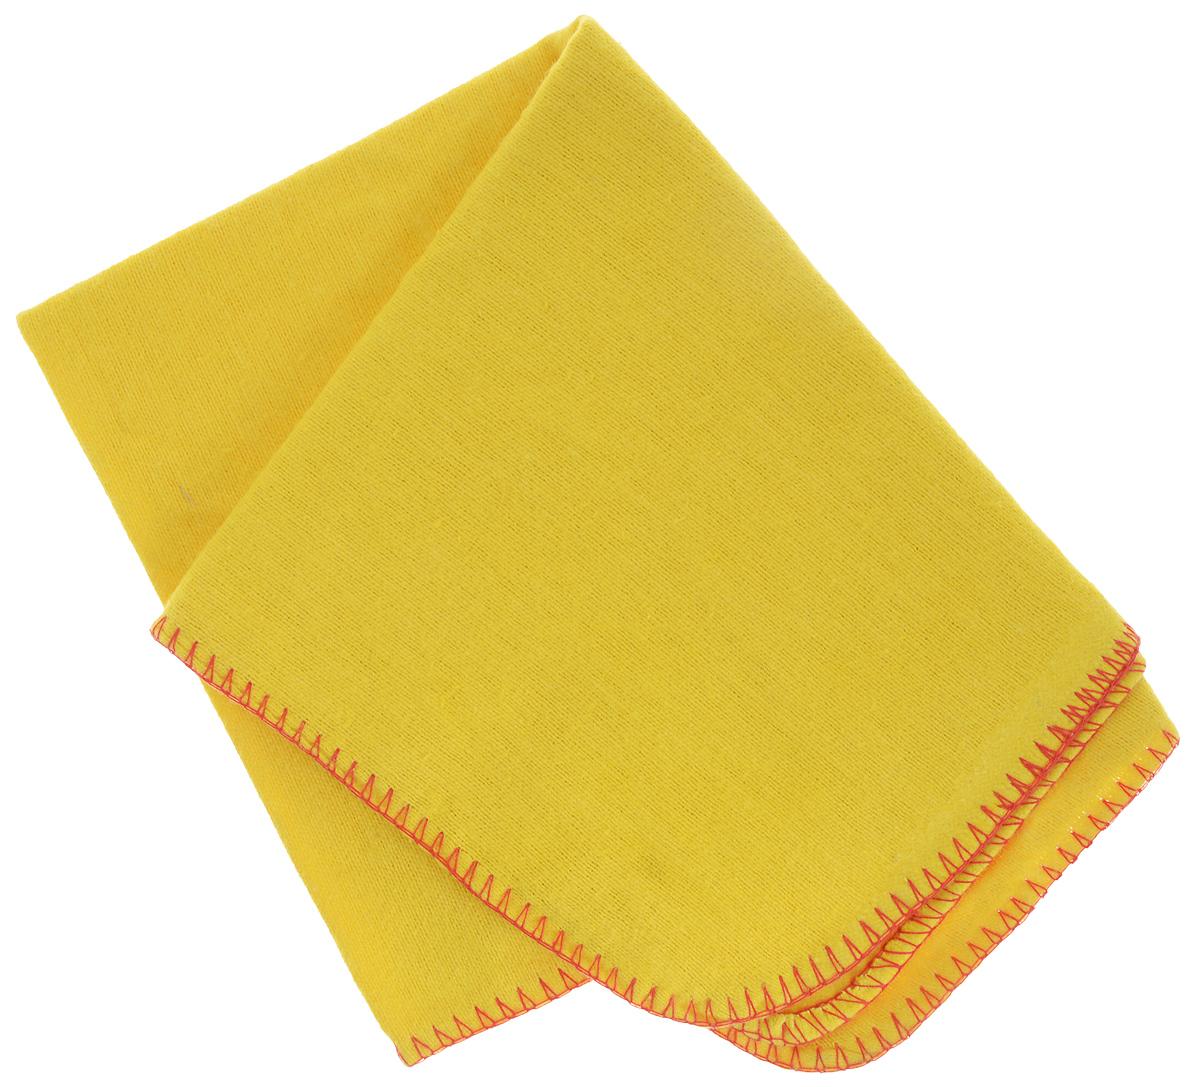 Ткань полировальная Doctor Wax, для профессиональной чистки и полировки кузова, 60 x 35 см790009Салфетка Doctor Wax, выполненная из 100% хлопка, предназначена для чистки и полировки кузова. Впитывает остатки воска и полироли, обеспечивает сияющий и глубокий блеск без царапин, полос и разводов.